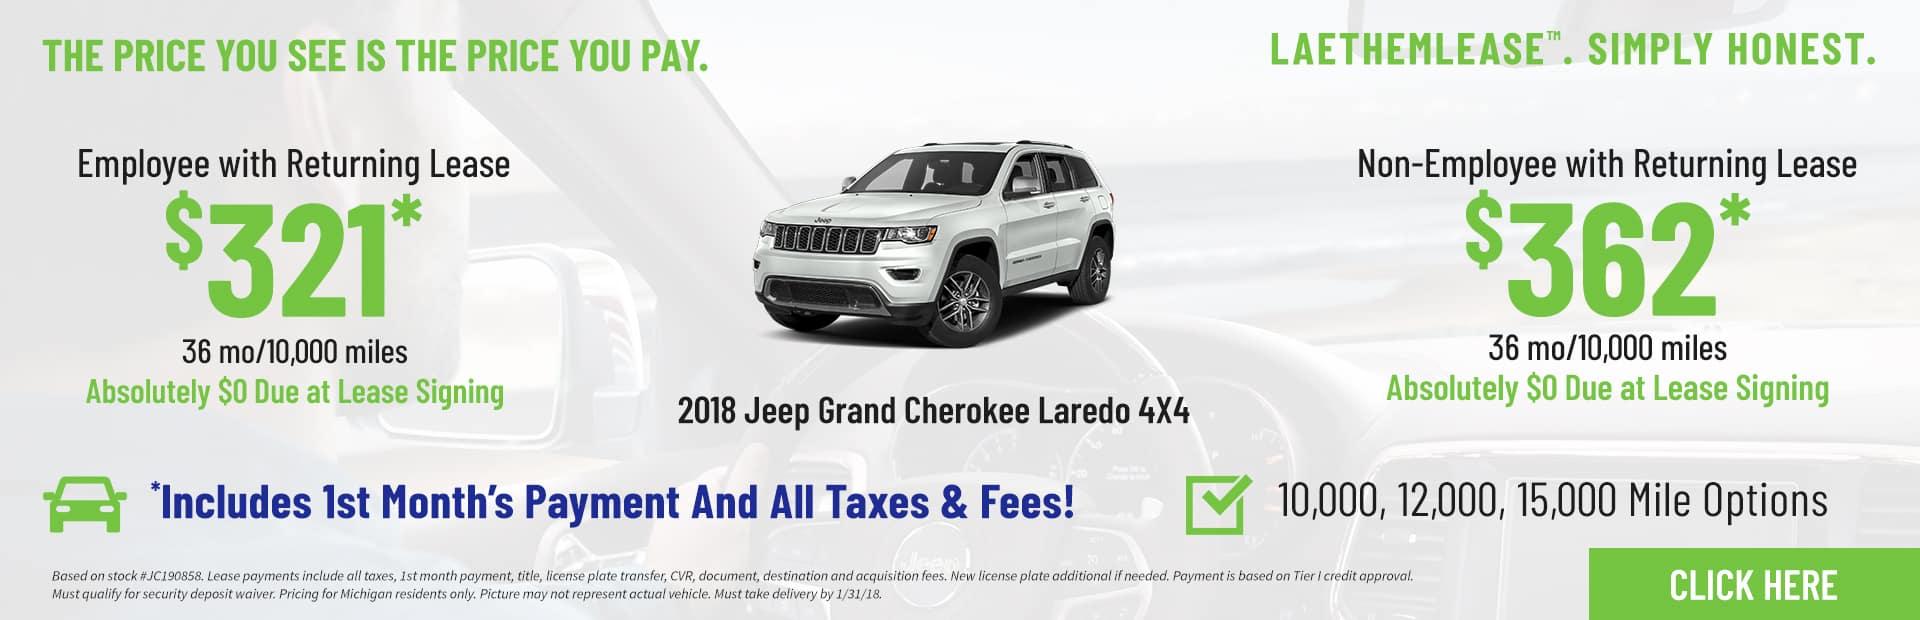 Grand Cherokee Laredo LaethemLease